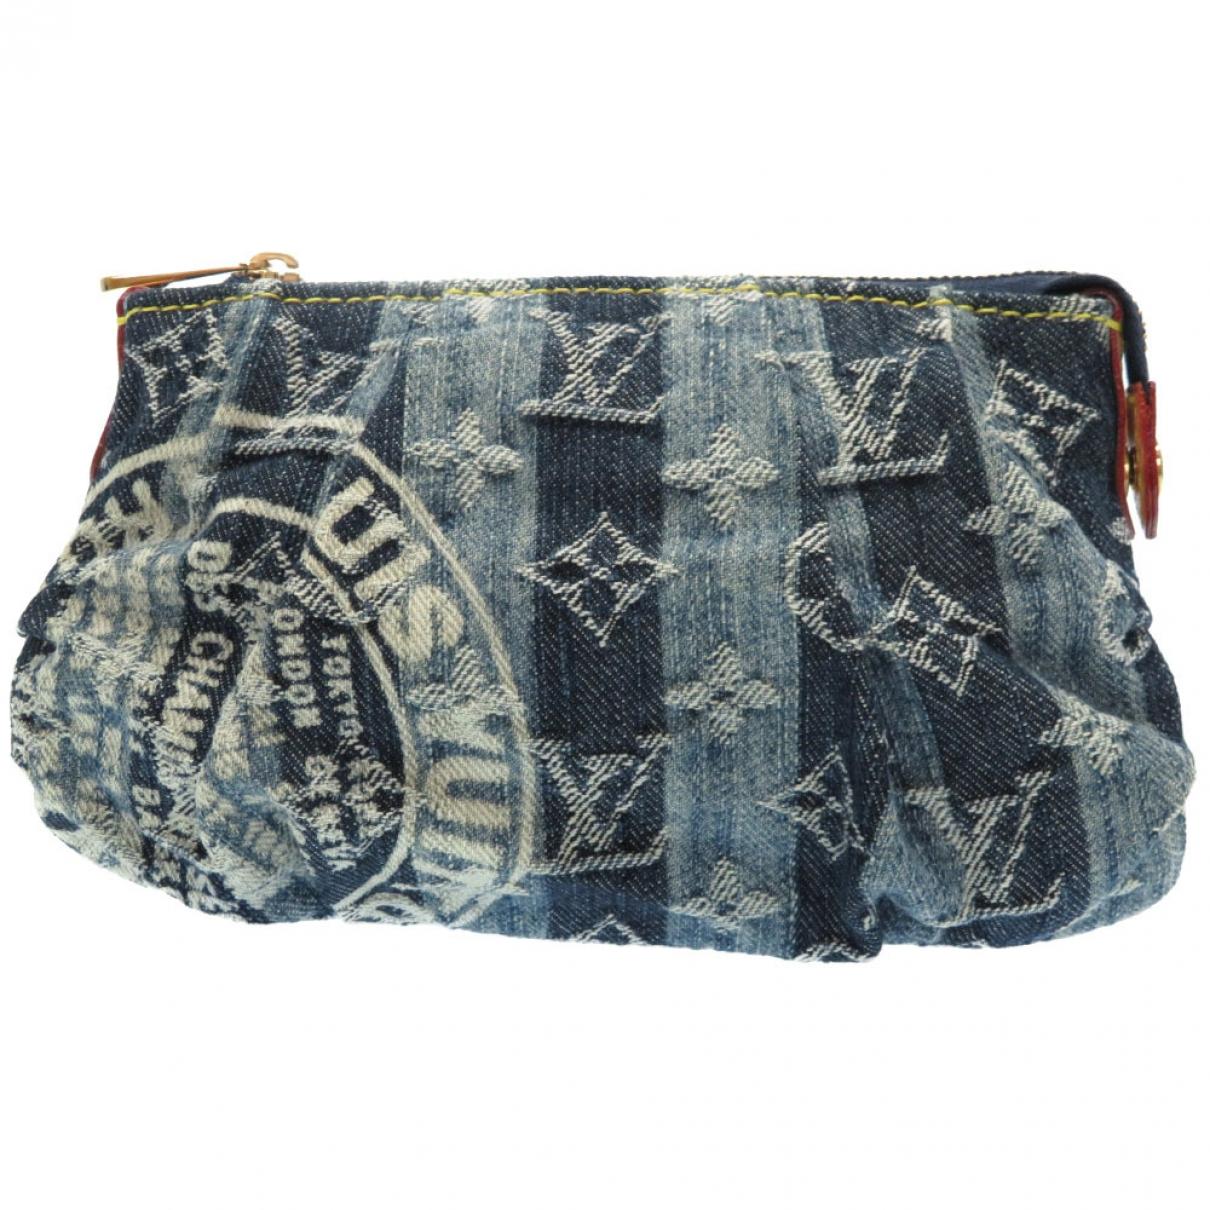 Bolsos clutch en Denim - Vaquero Azul Louis Vuitton